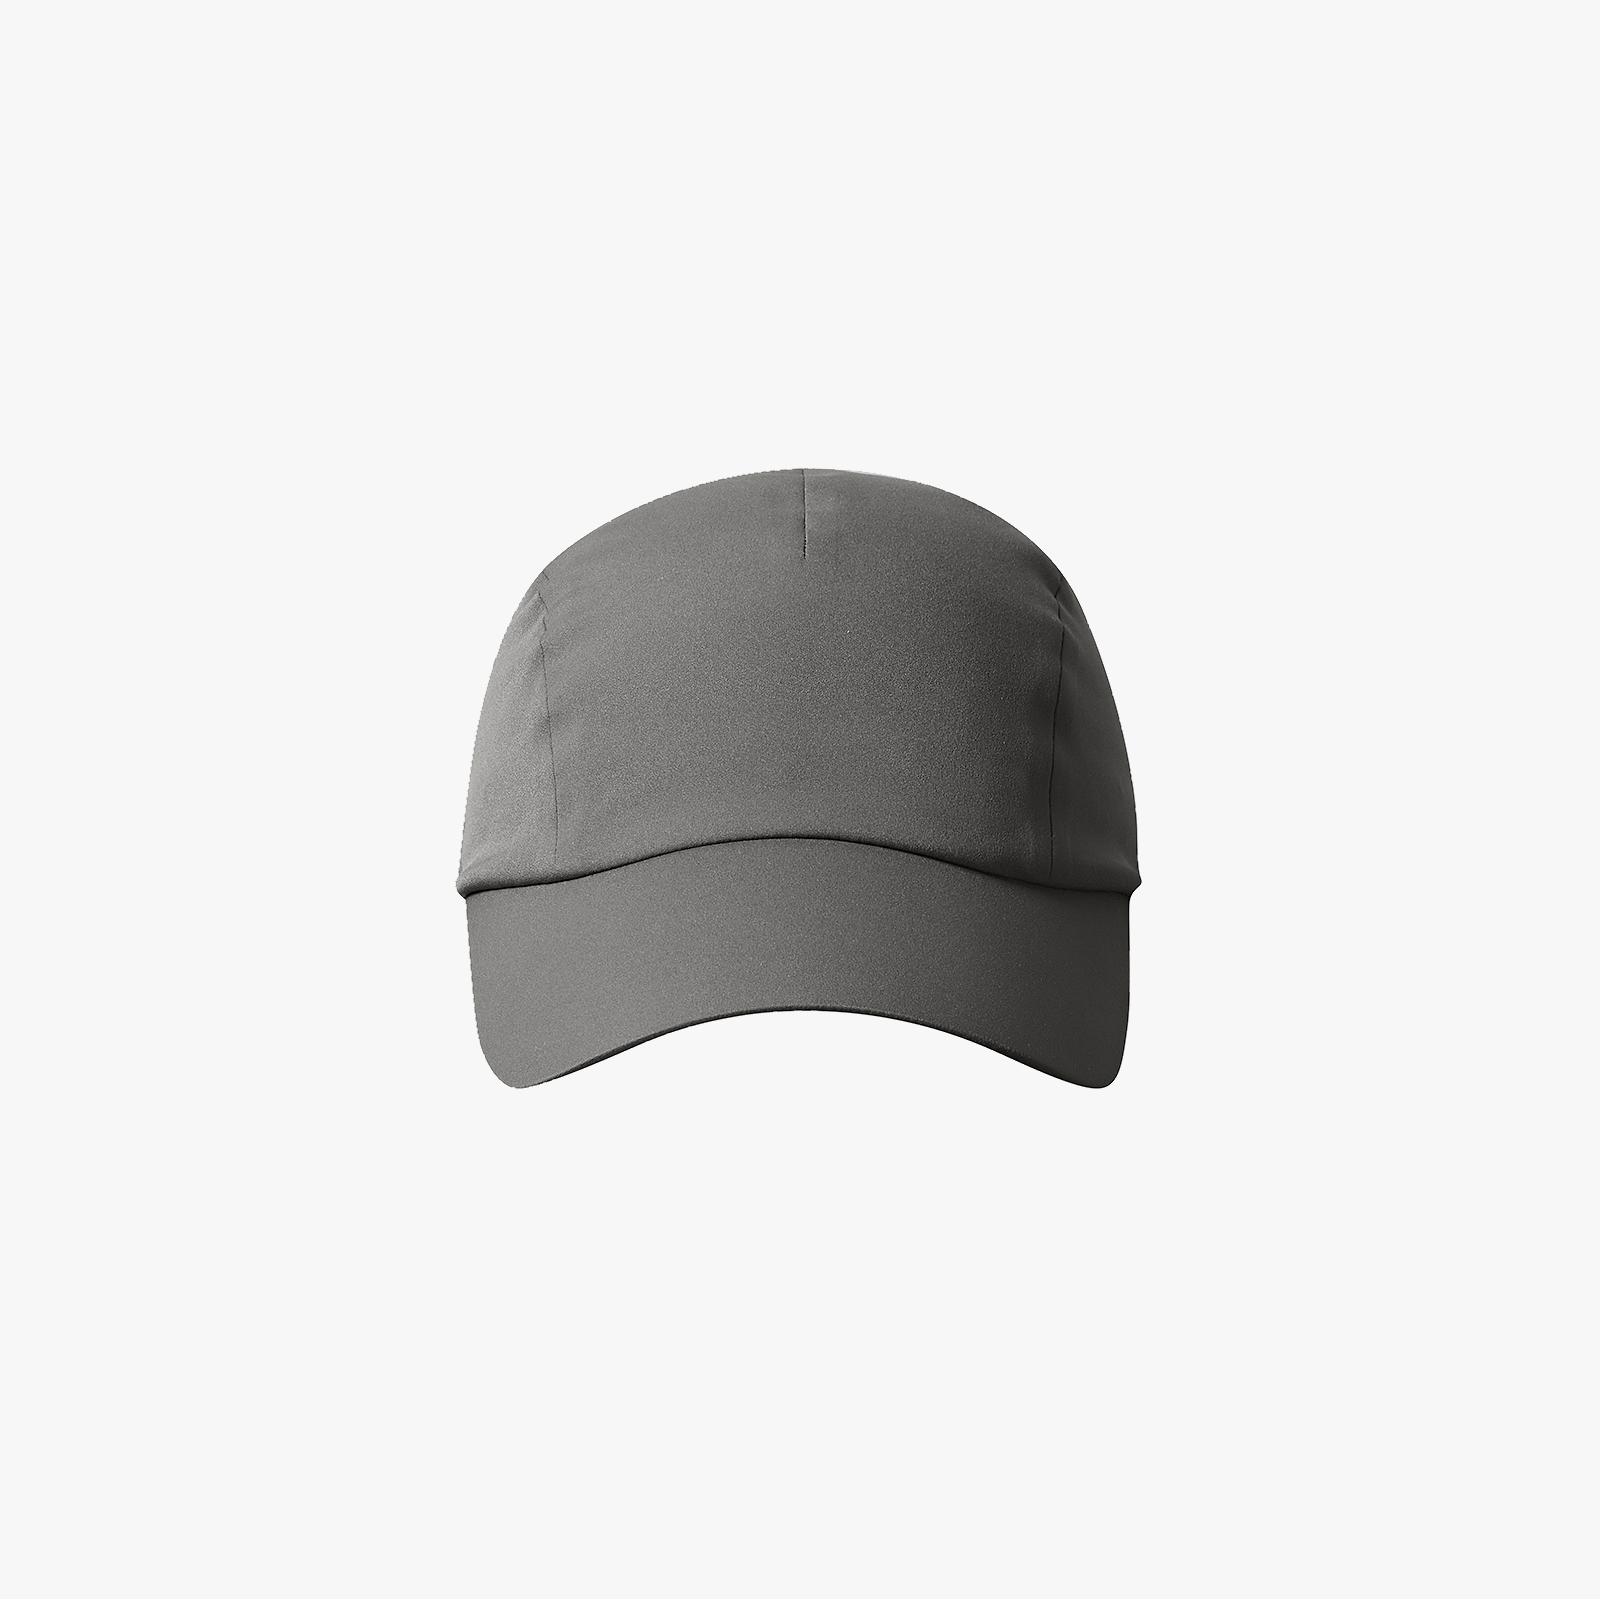 adidas Running Hat x UNDFTD - Dp0243 - Sneakersnstuff  d54ab278824